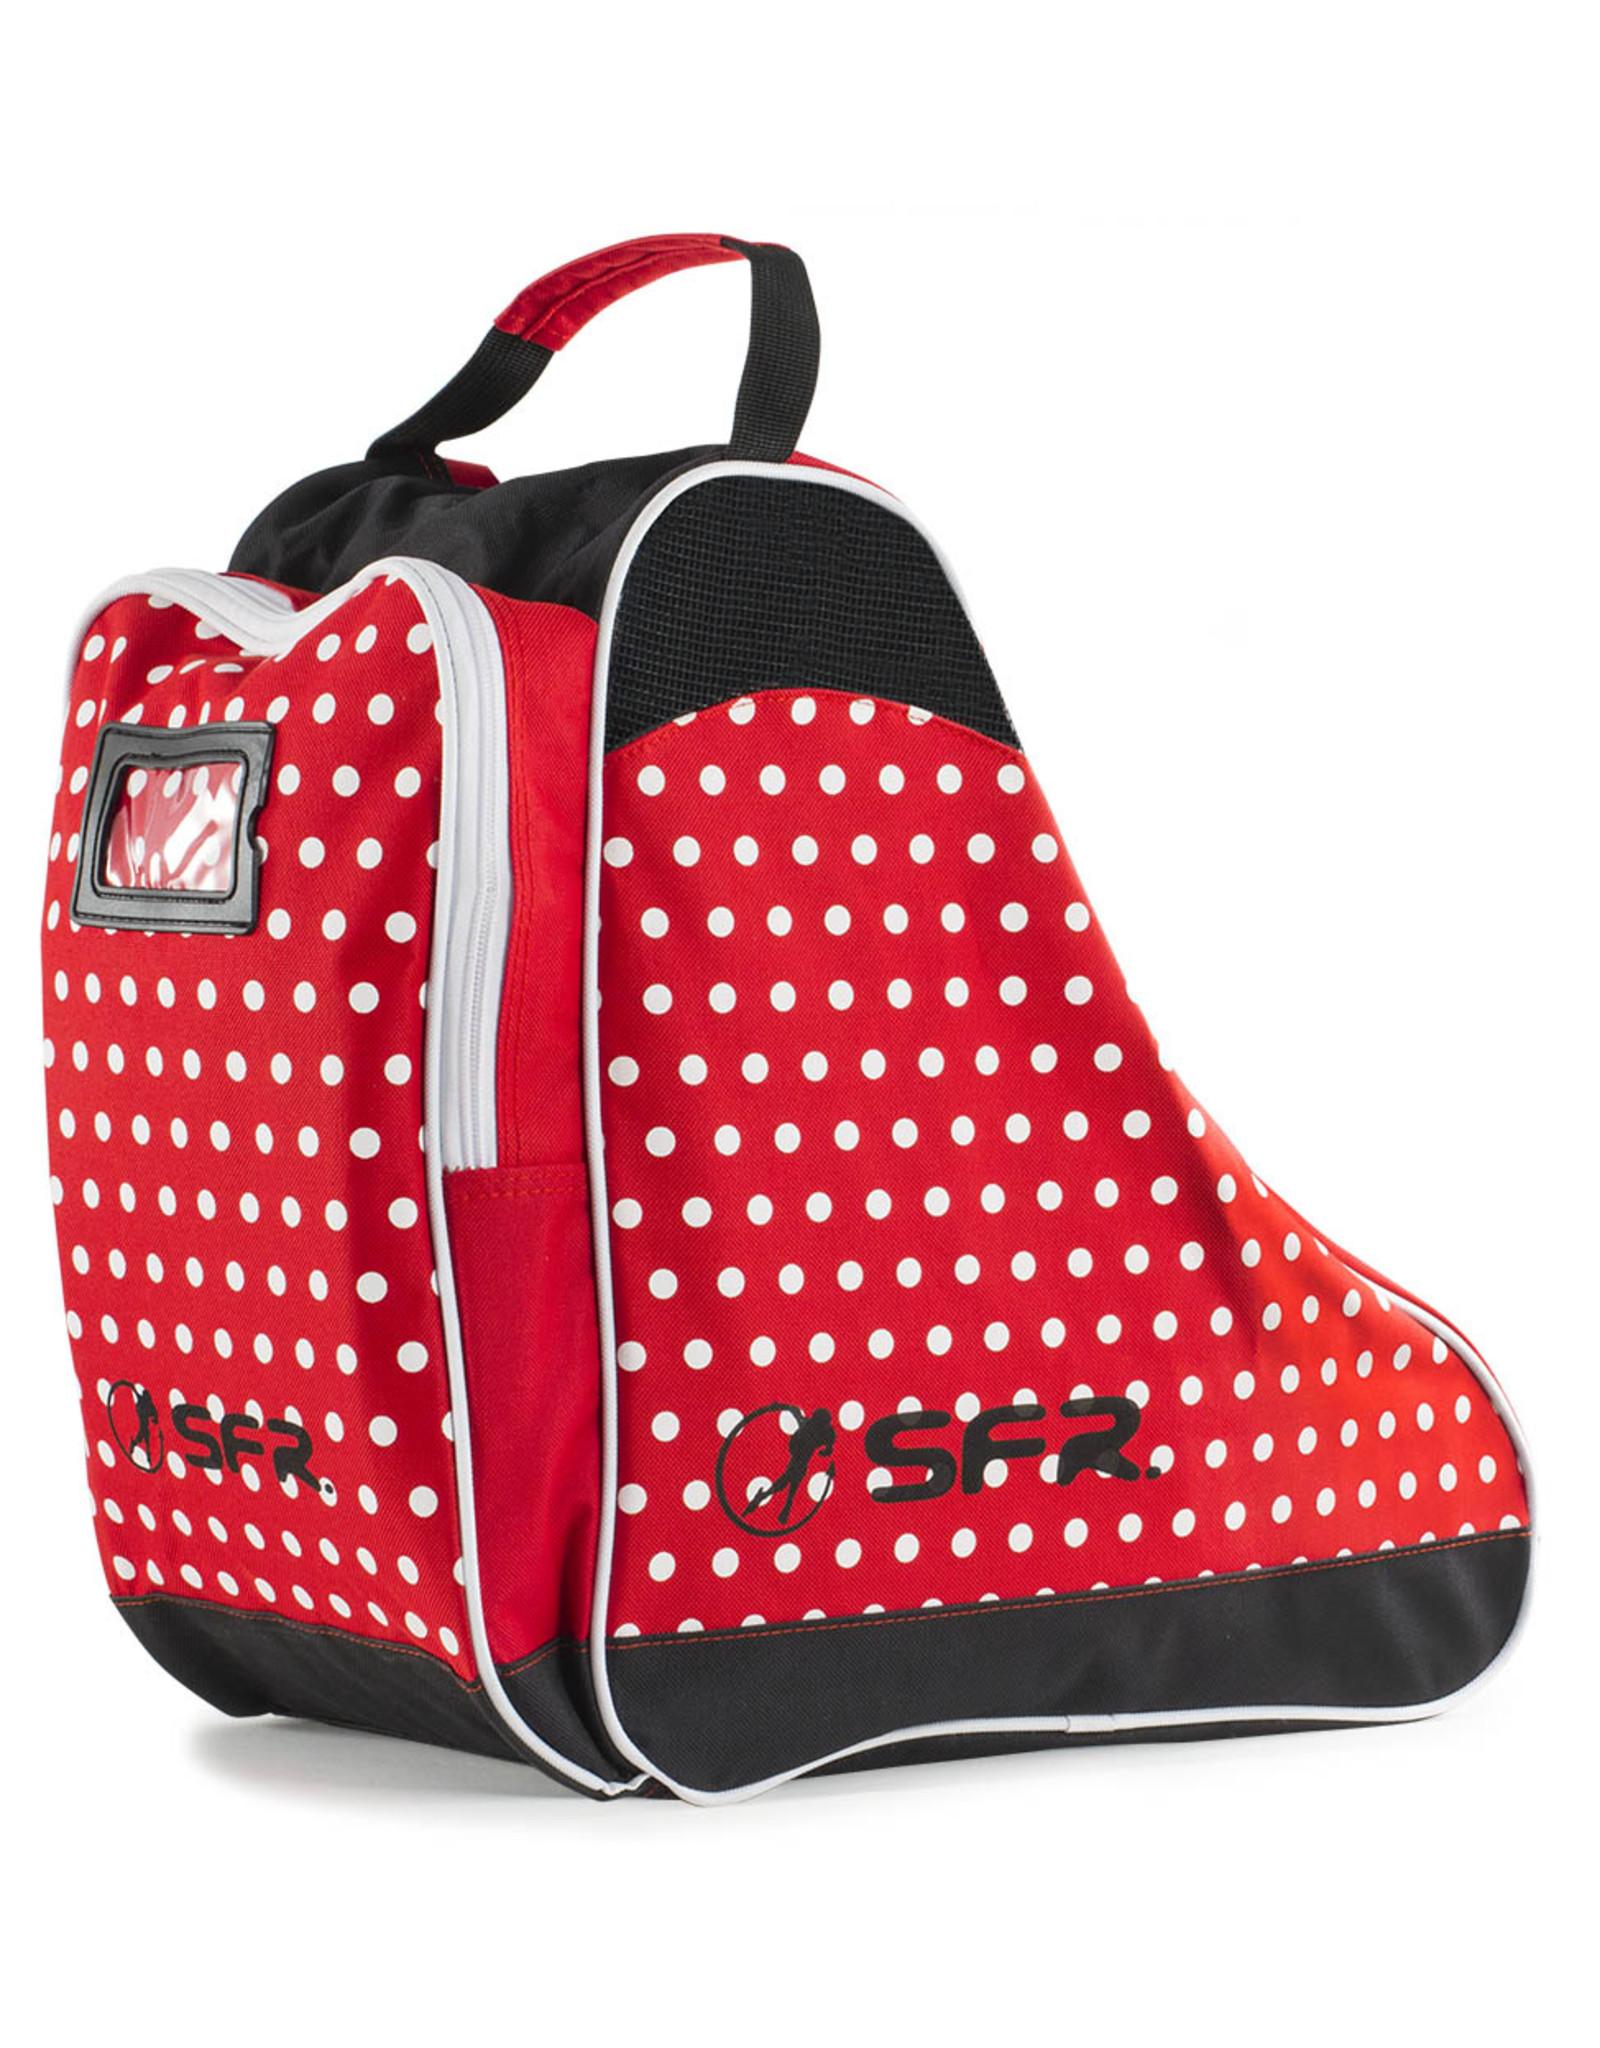 SFR SFR Skate Bag